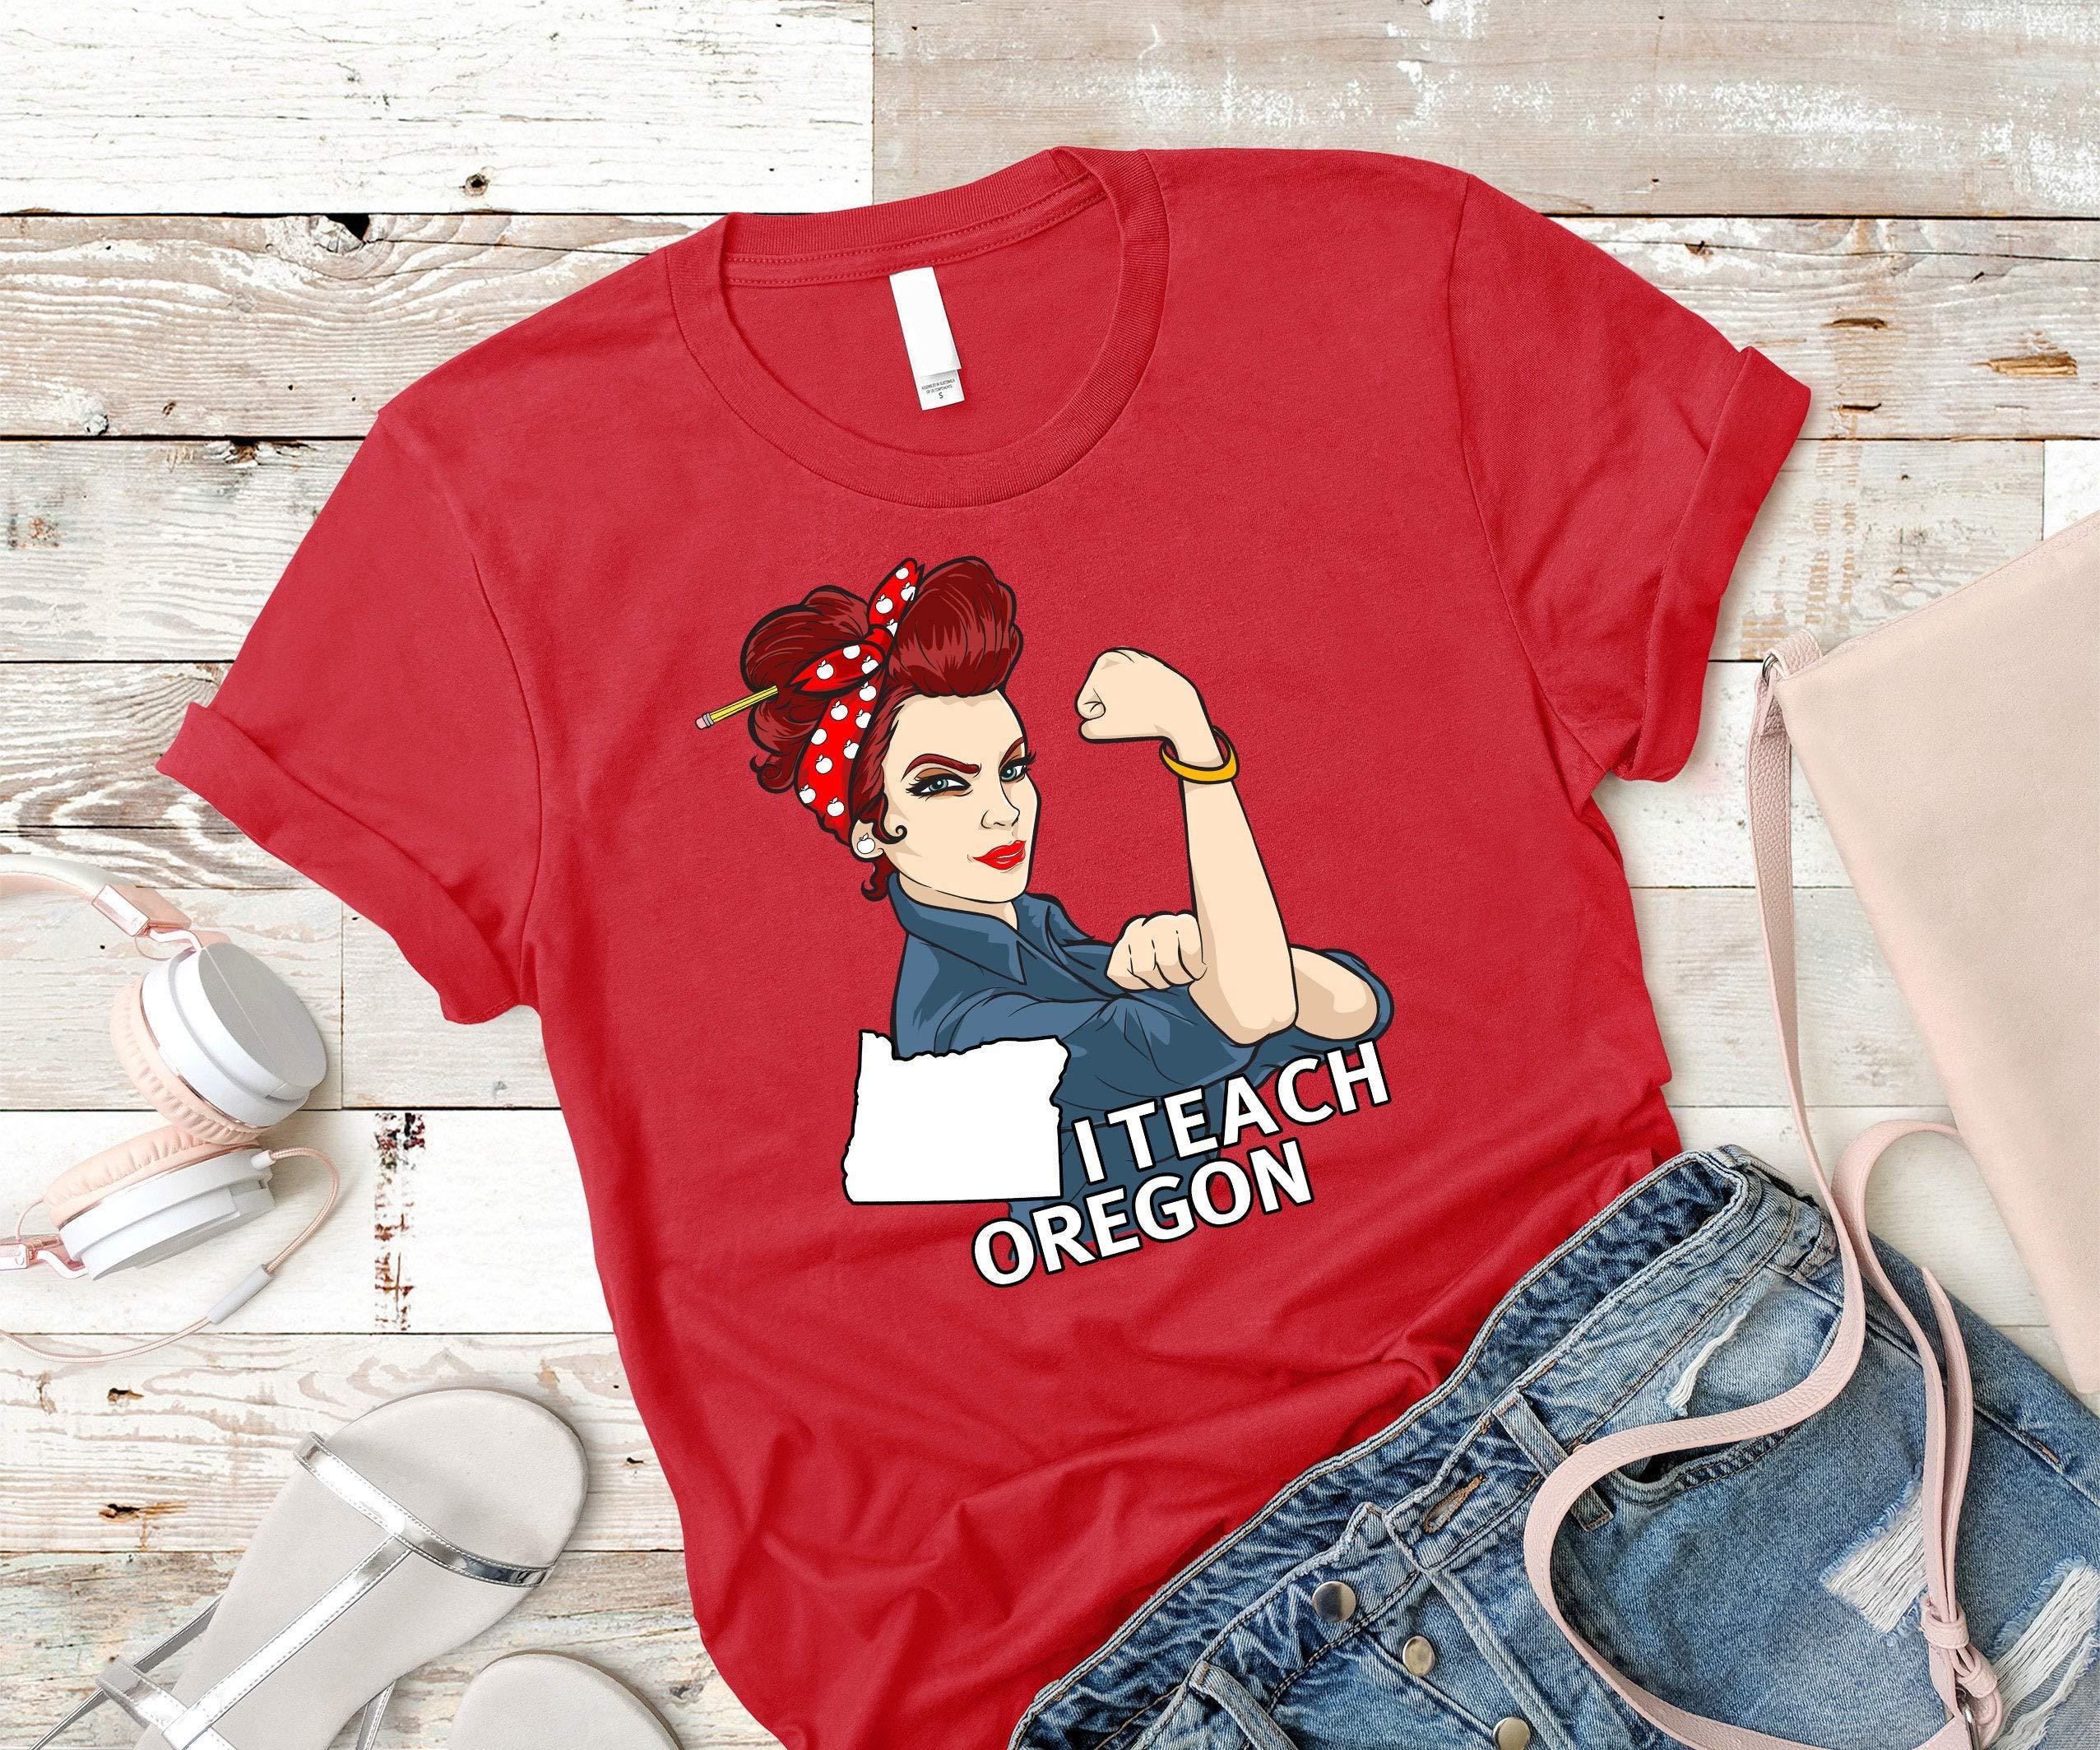 Tea Rosie The Riveter Tshirts S S Longsleeve